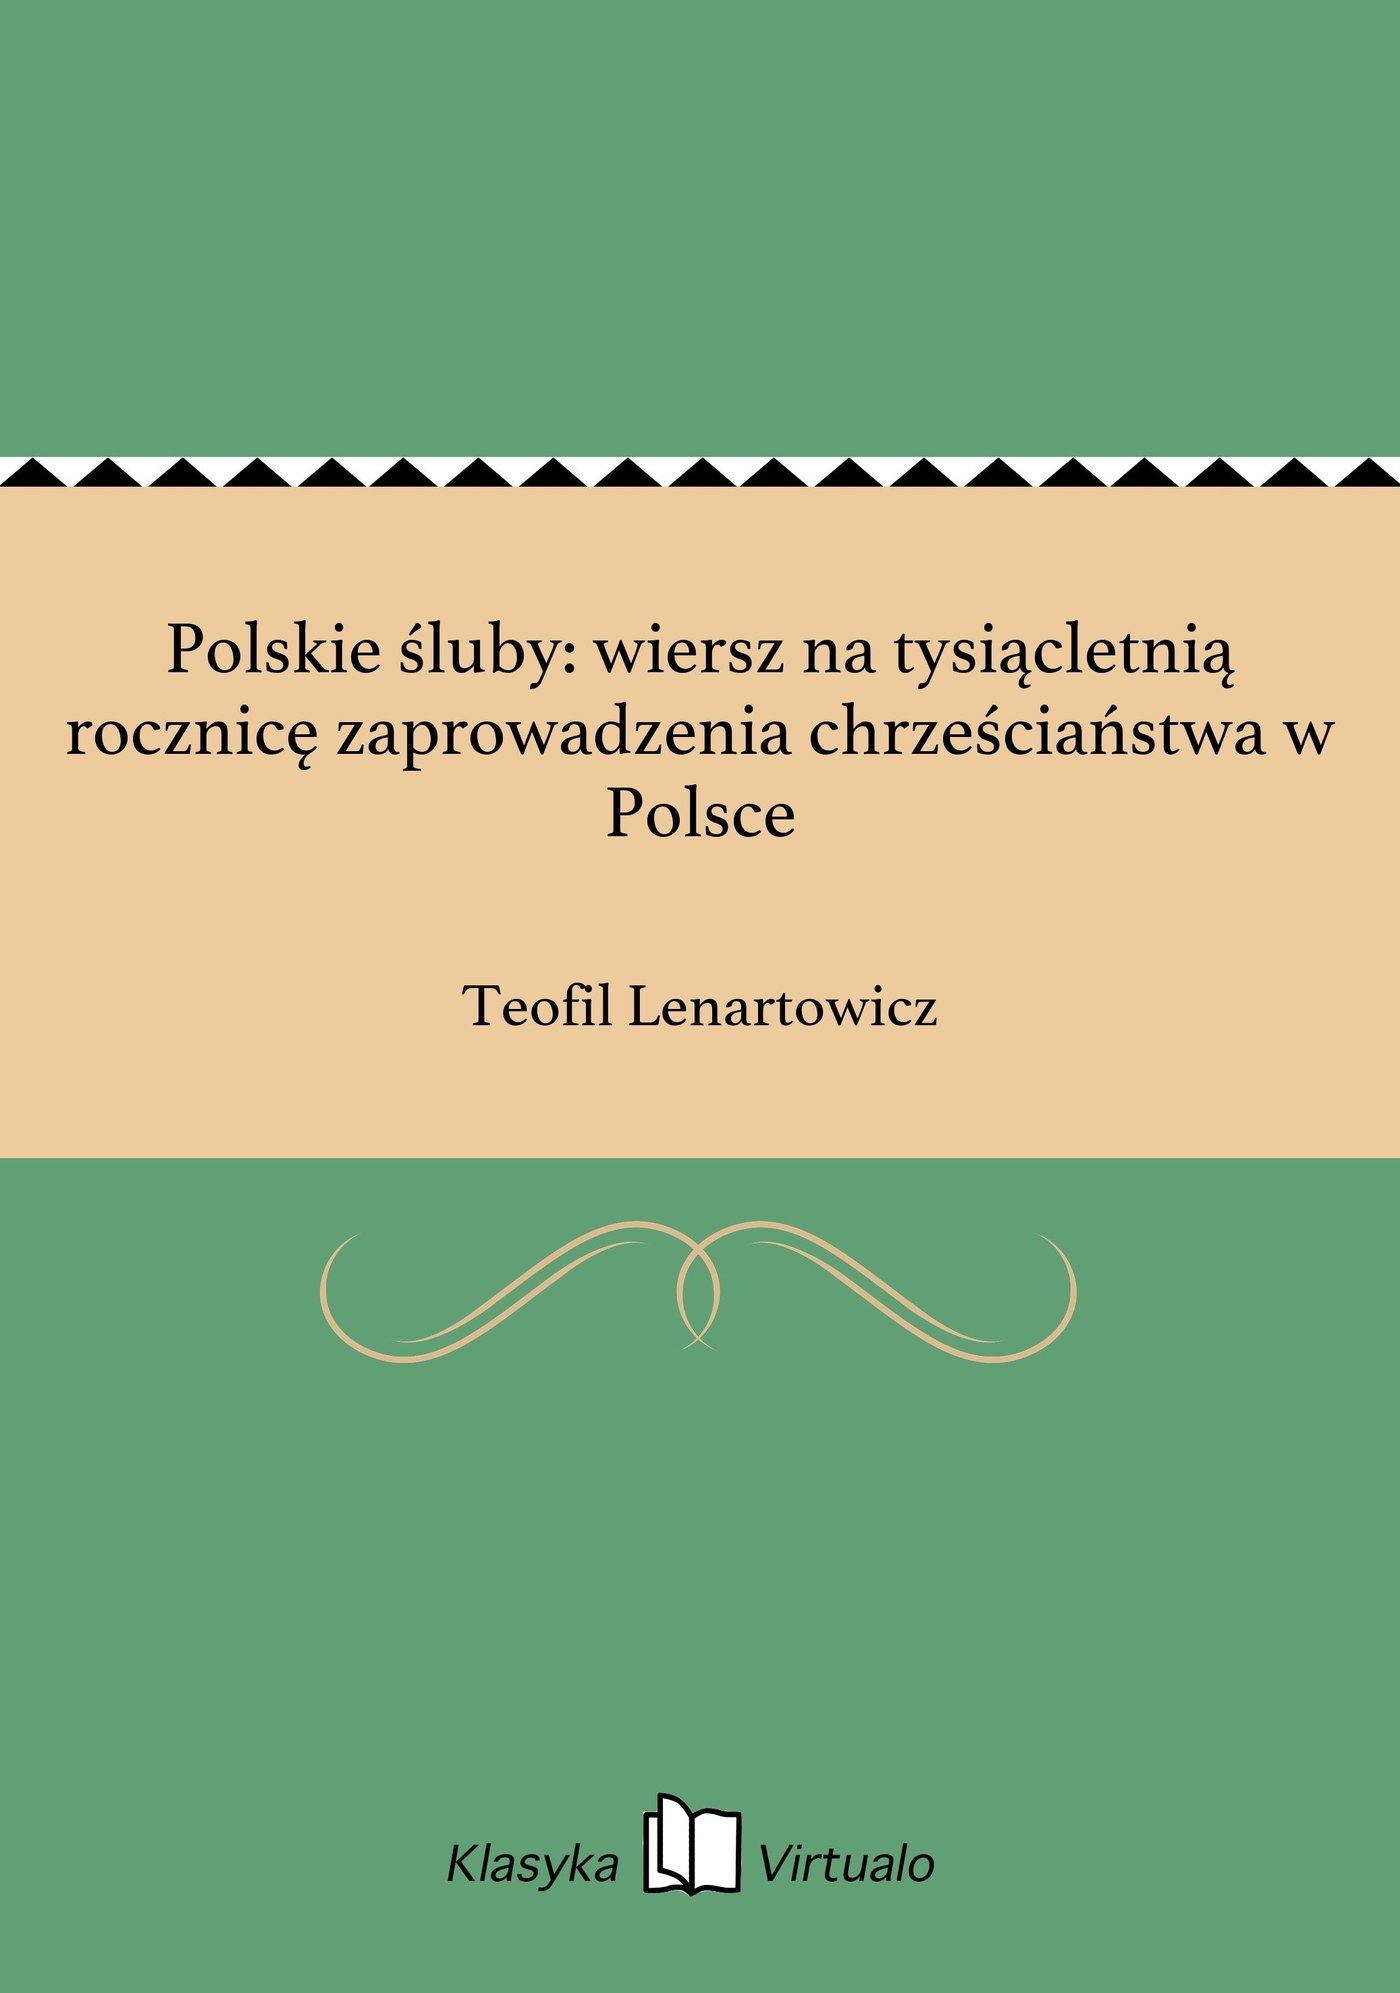 Polskie śluby: wiersz na tysiącletnią rocznicę zaprowadzenia chrześciaństwa w Polsce - Ebook (Książka EPUB) do pobrania w formacie EPUB